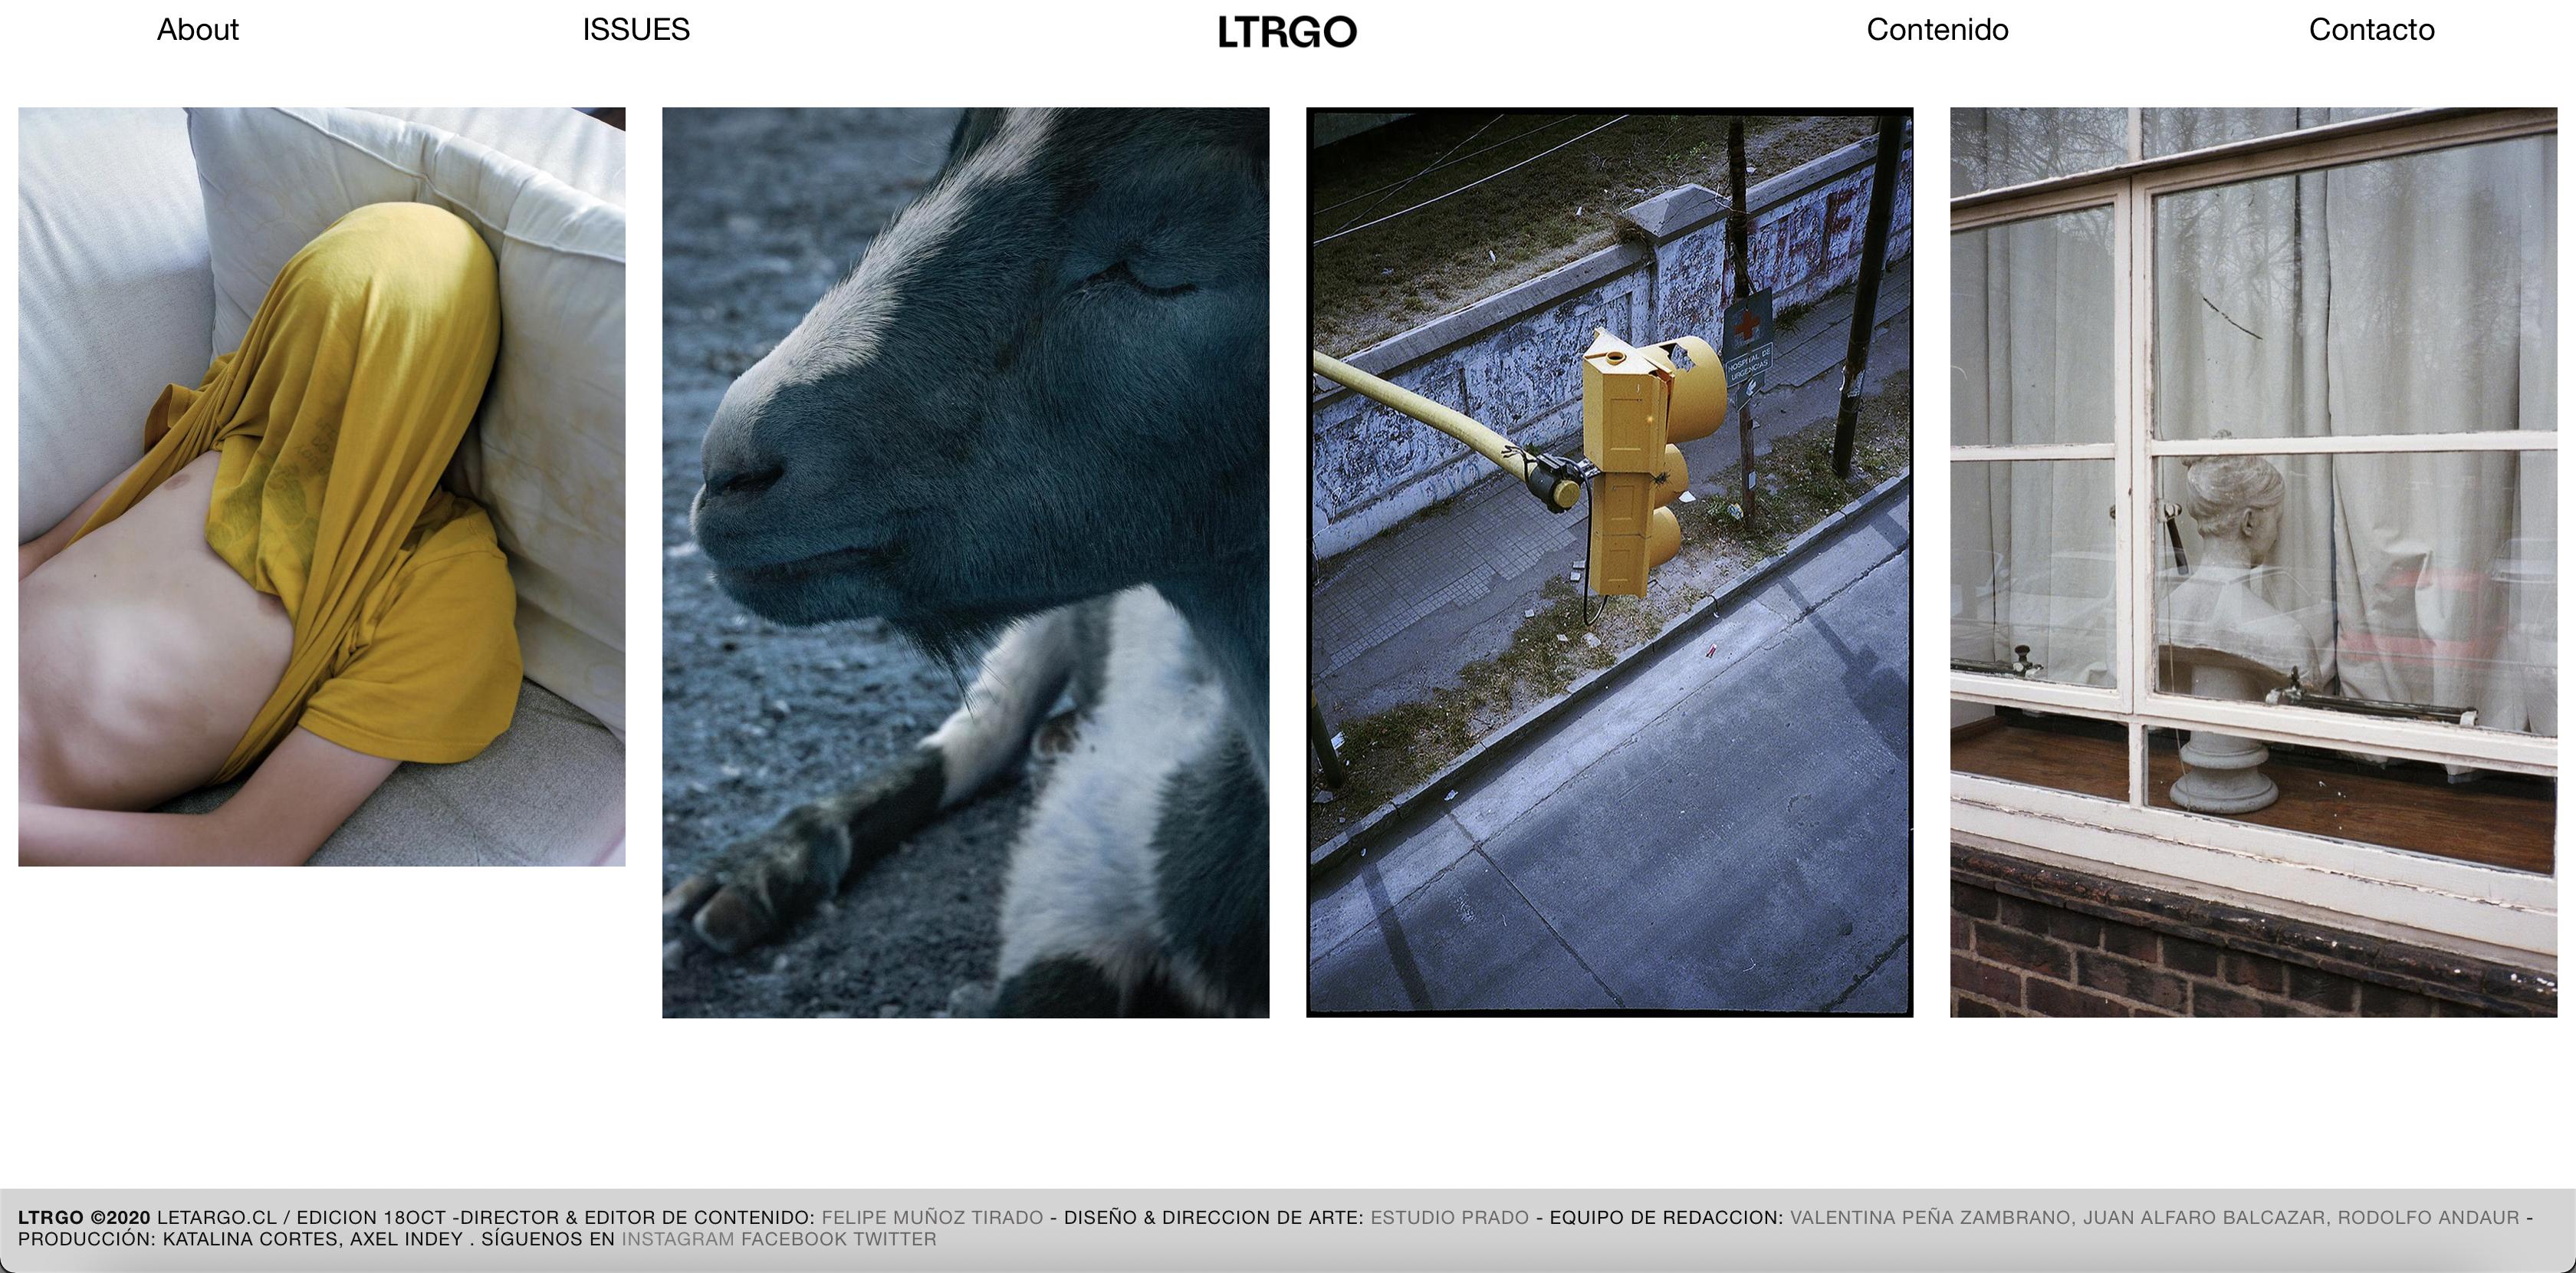 Letargo Revista abre convocatoria para fotógrafos y fotógrafas que deseen participar en su segunda edición